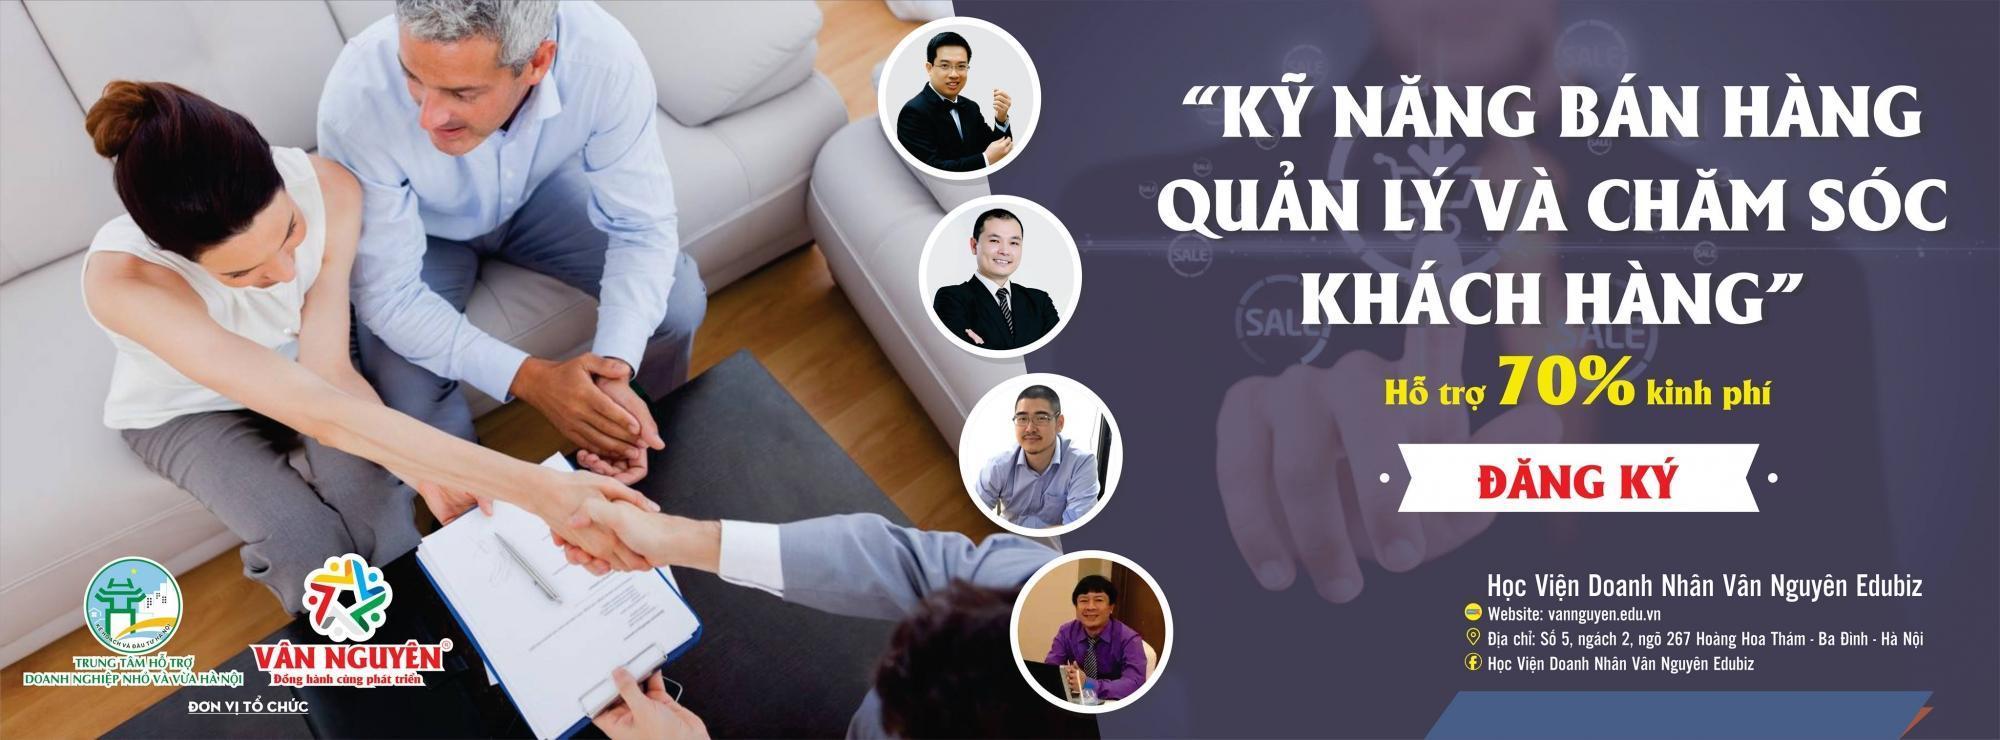 Kỹ năng bán hàng – Quản lý và chăm sóc khách hàng K23